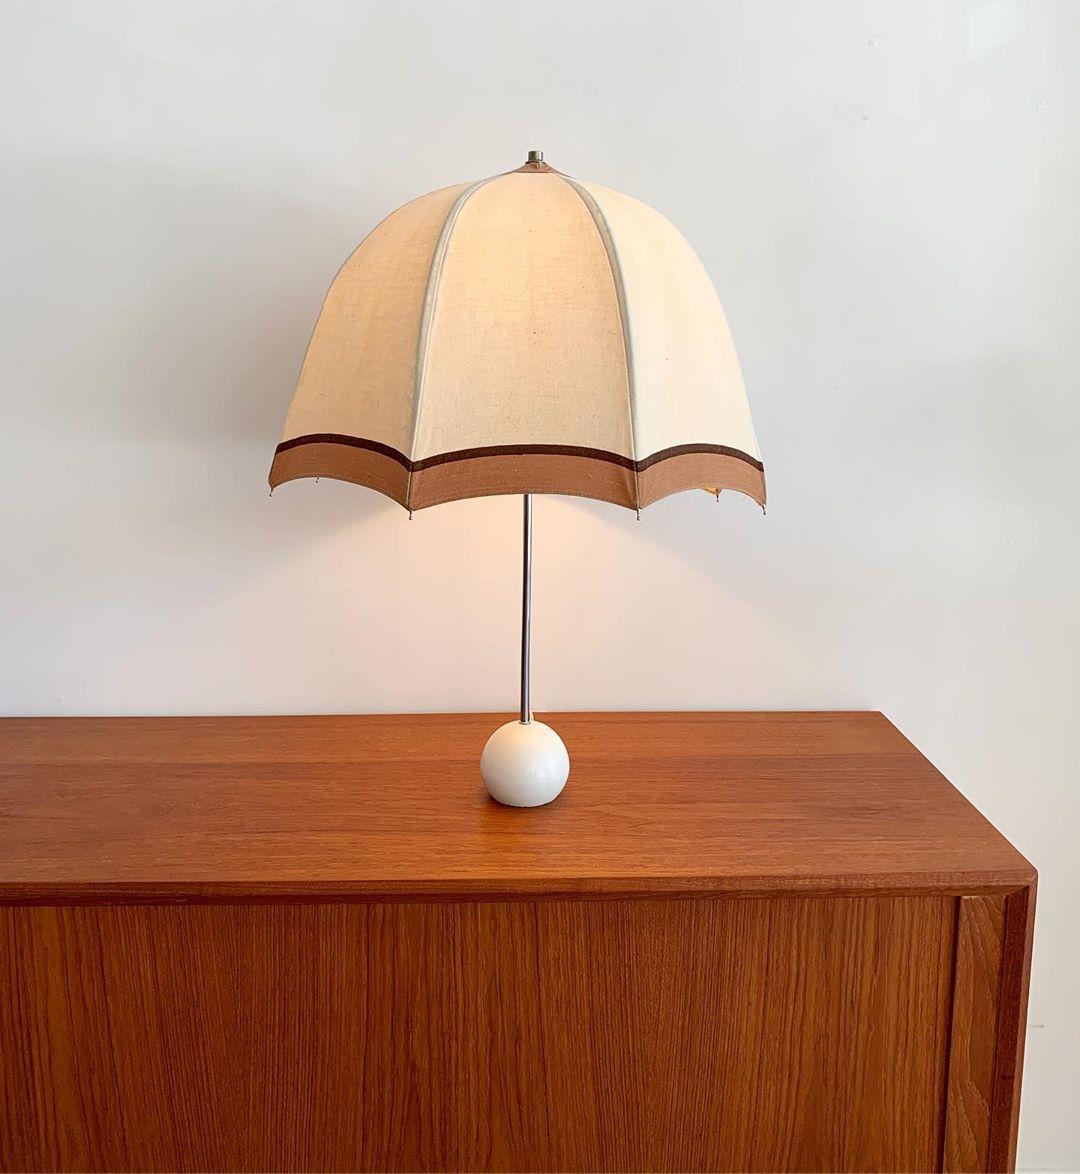 1975 George Kovacs Umbrella Table Lamp Sold Rarefied Kovacs Georgekovacs 1970s 1975 Umbrella Umbrellalamp Hom Lamp Vintage Lighting Table Lamp